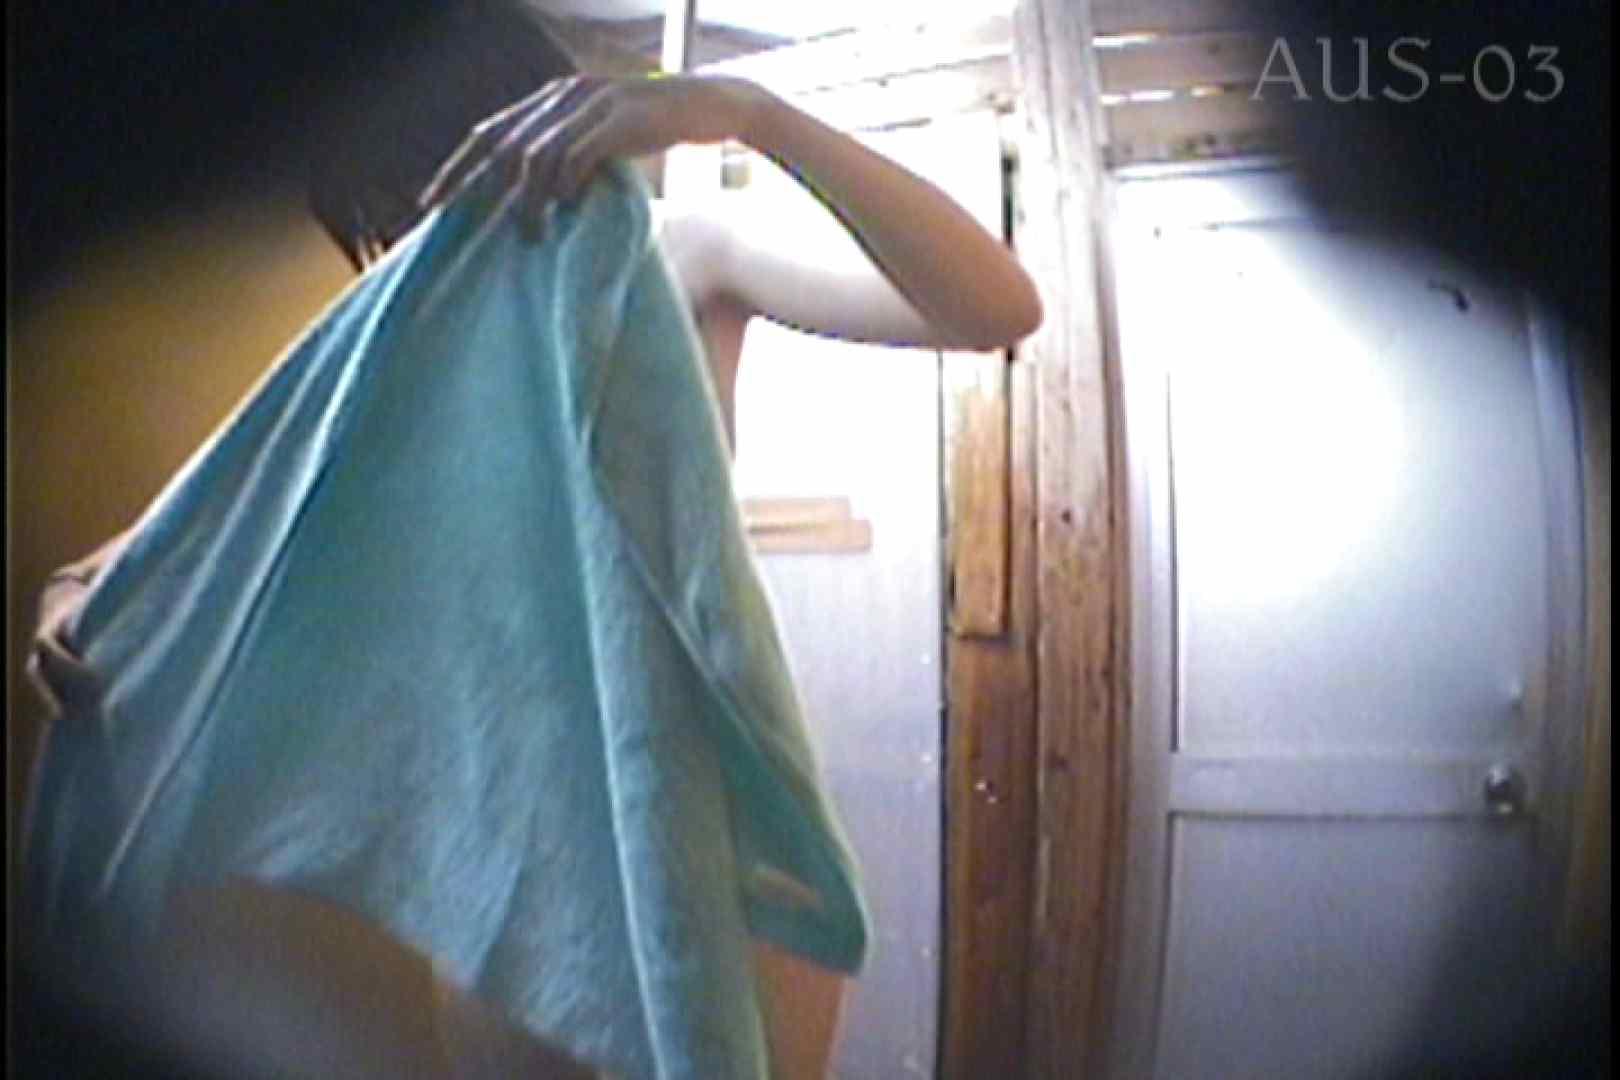 海の家の更衣室 Vol.13 美女達のヌード | OL  71連発 56